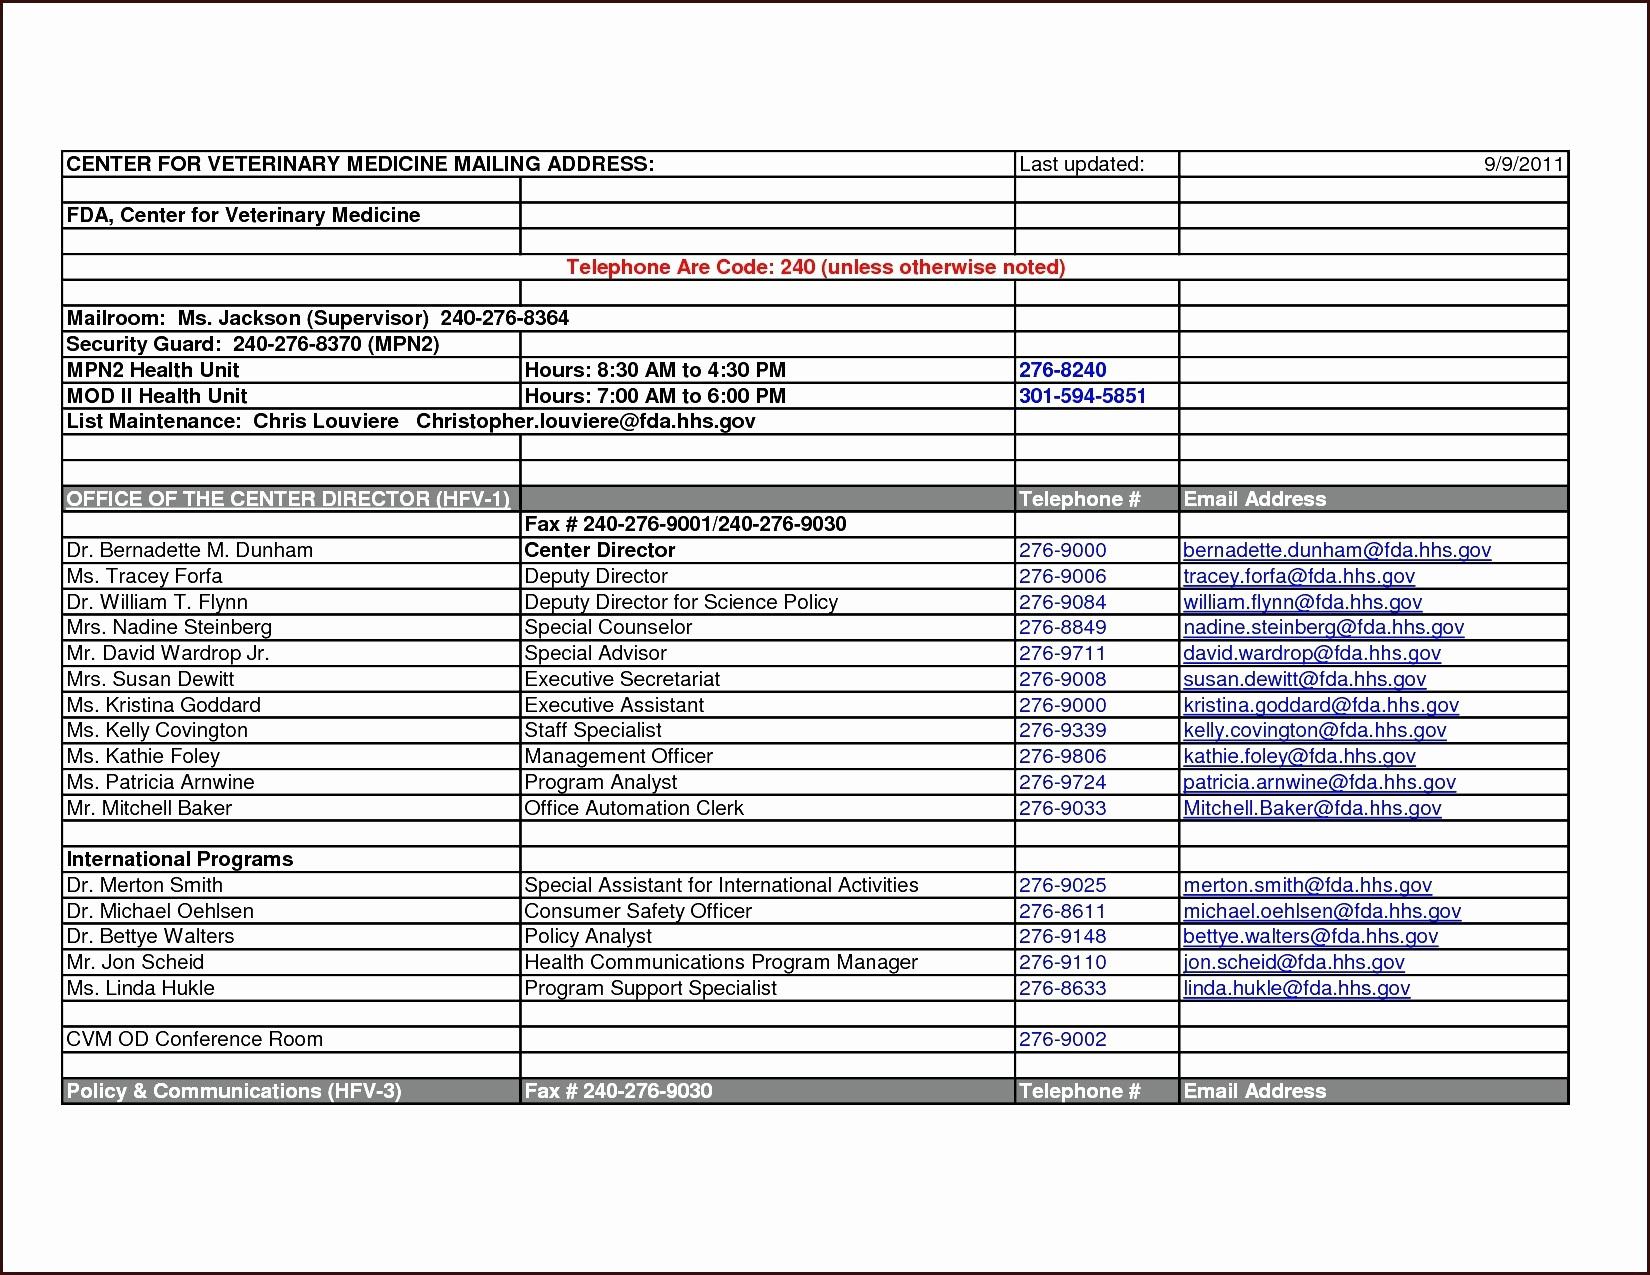 7Th Grade Spelling Worksheets Free Printable Worksheet Template - 7Th Grade Spelling Worksheets Free Printable